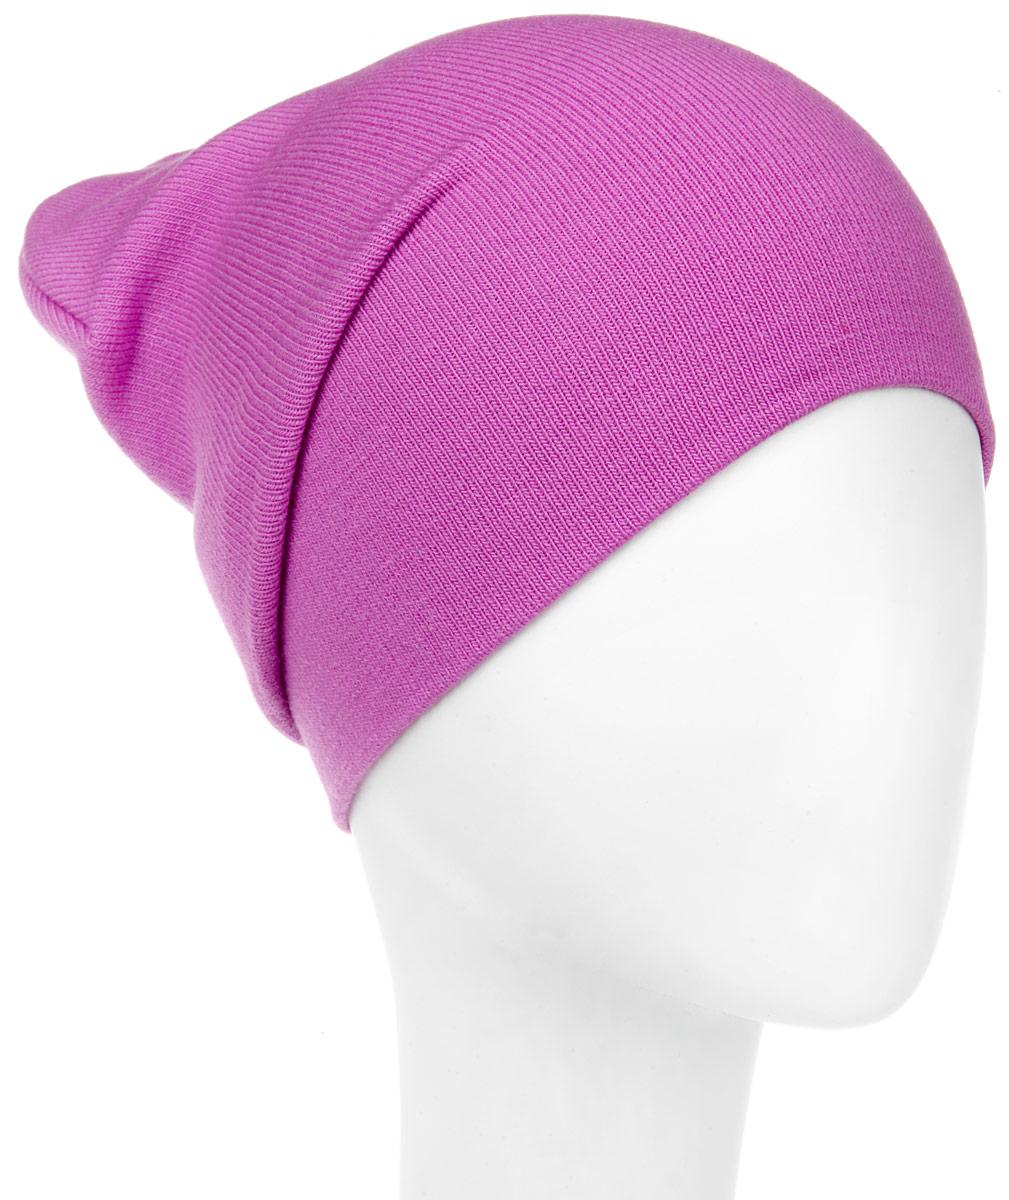 MLH5706_114Удлиненная женская шапка Marhatter отлично дополнит ваш образ в холодную погоду. Сочетание акрила и эластана максимально сохраняет тепло и обеспечивает удобную посадку, невероятную легкость и мягкость. Двухслойную шапку можно носить как с отворотом, так и без. Стильная шапка Marhatter подчеркнет ваш неповторимый стиль и индивидуальность. Такая модель будет актуальна как на спортивных мероприятиях, так и в повседневной жизни. Уважаемые клиенты! Размер, доступный для заказа, является обхватом головы.